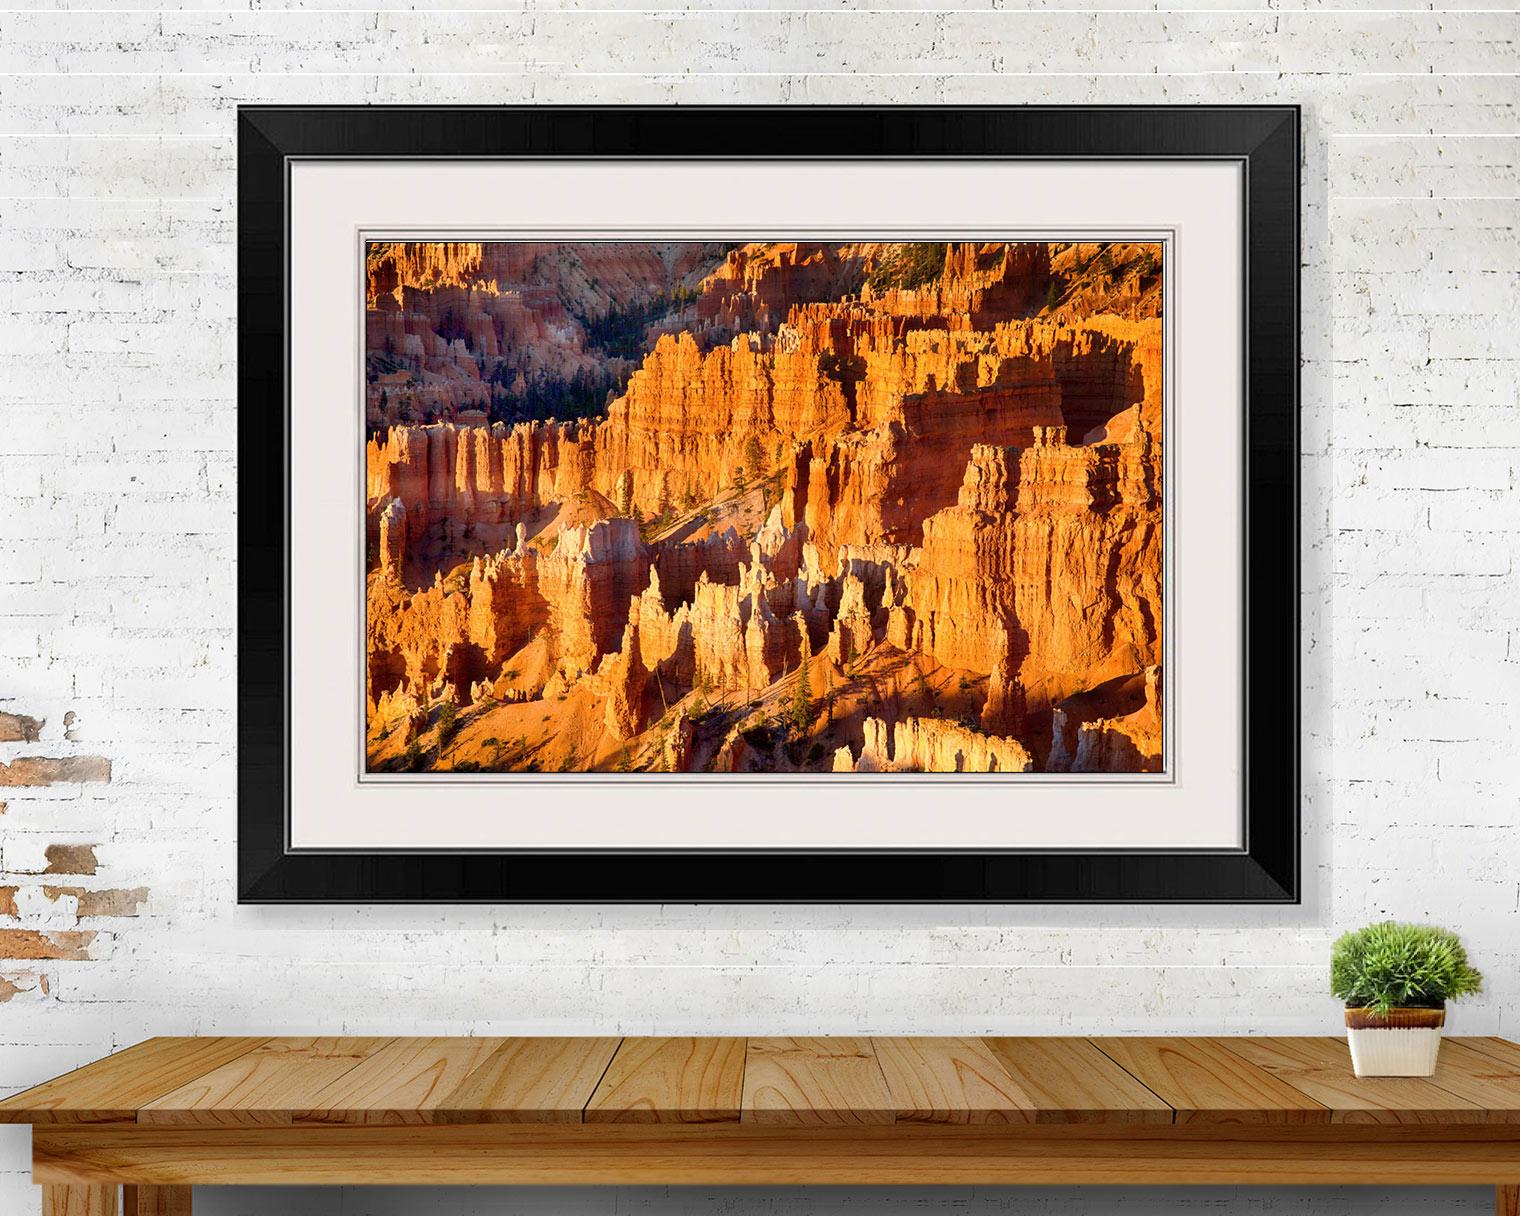 Hoodoosat Bryce National Park Utah